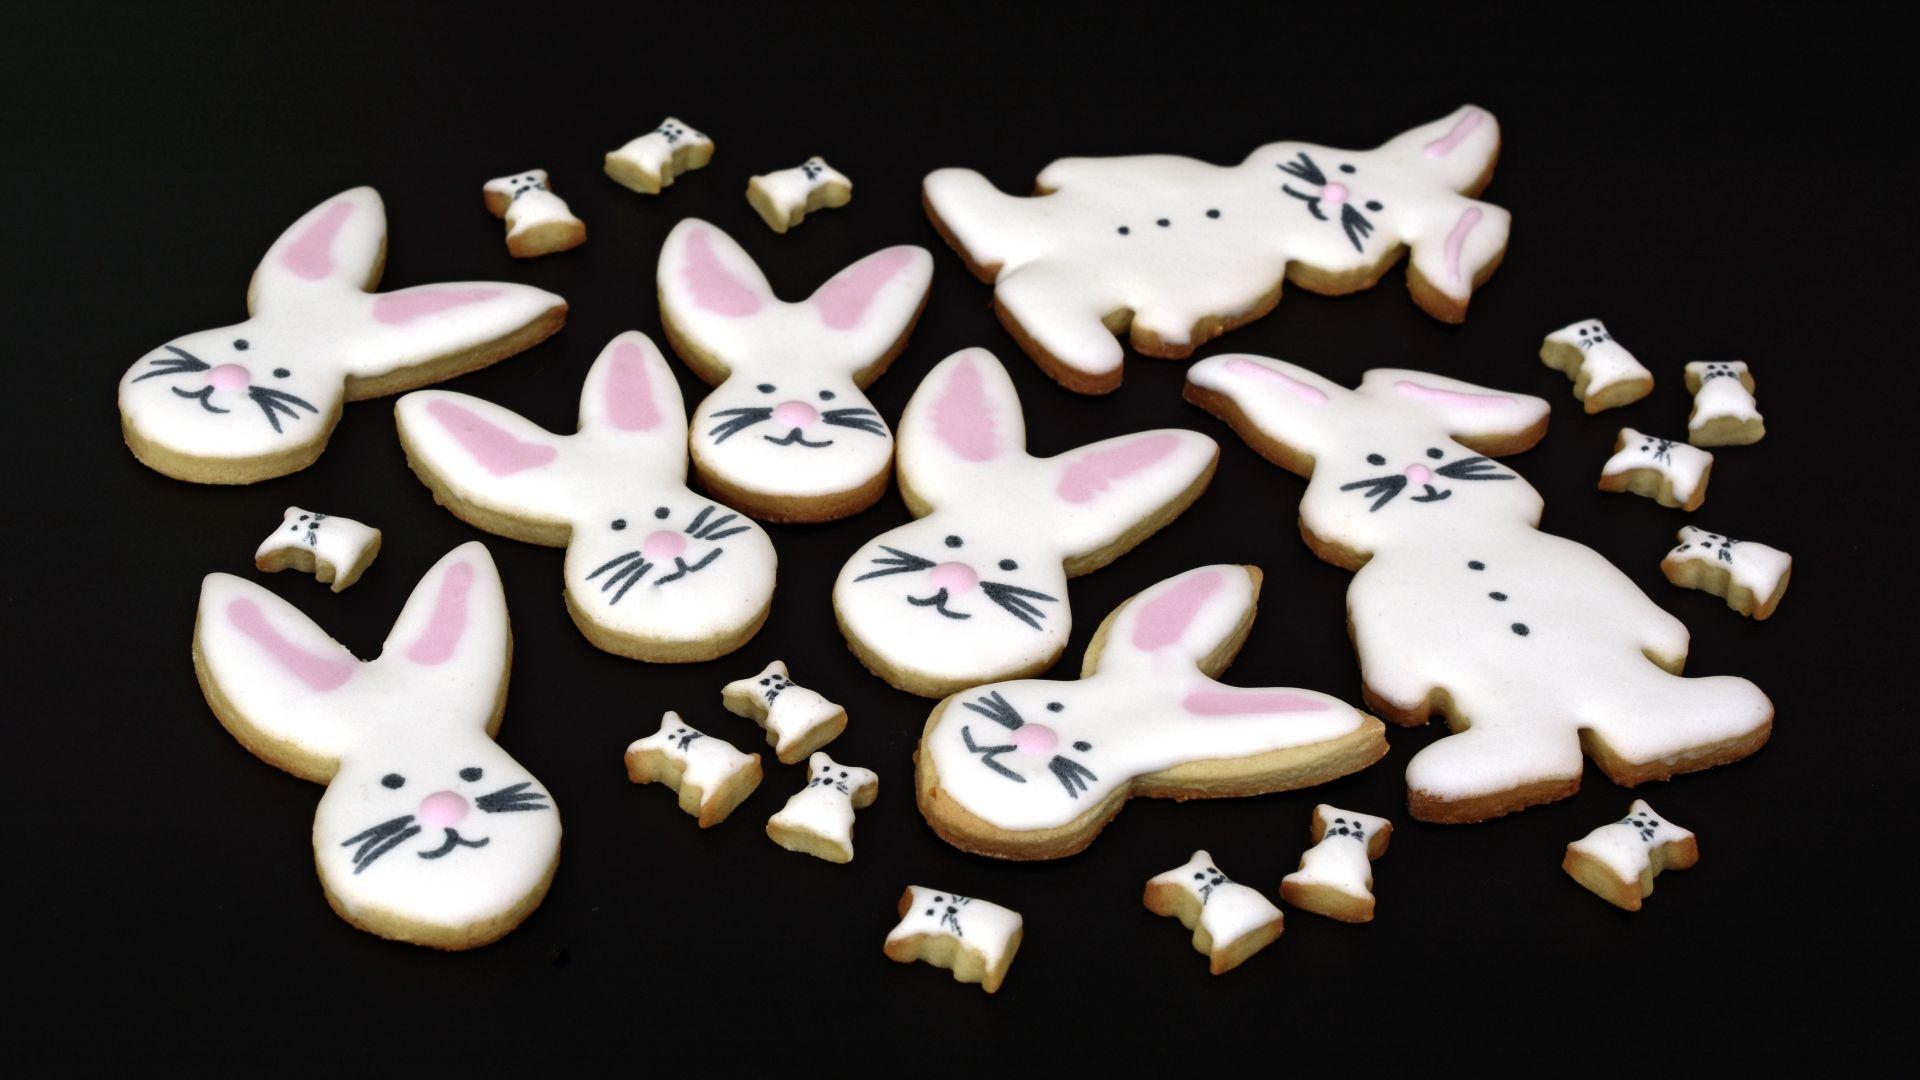 Wallpaper Cookies, Easter bunny cookies, party, baking